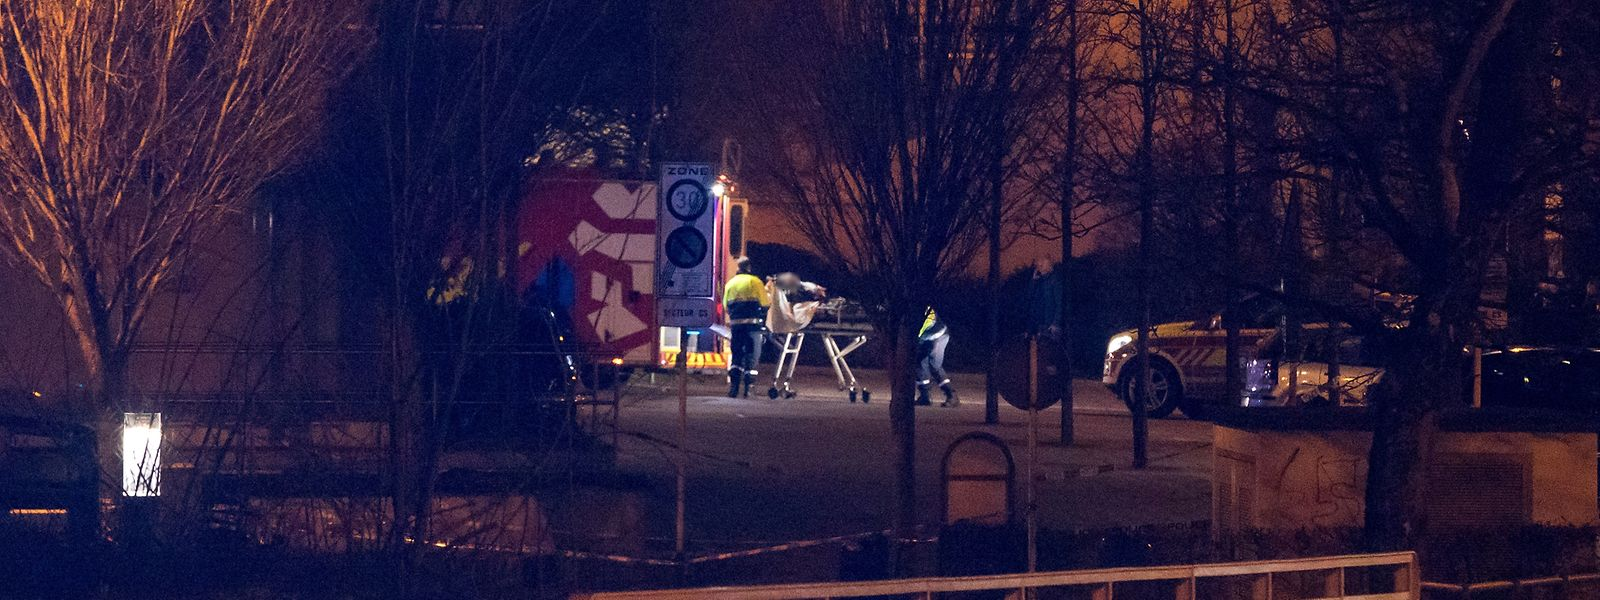 Gegen 20 Uhr wurde eine Person in einem Krankenwagen abtransportiert.